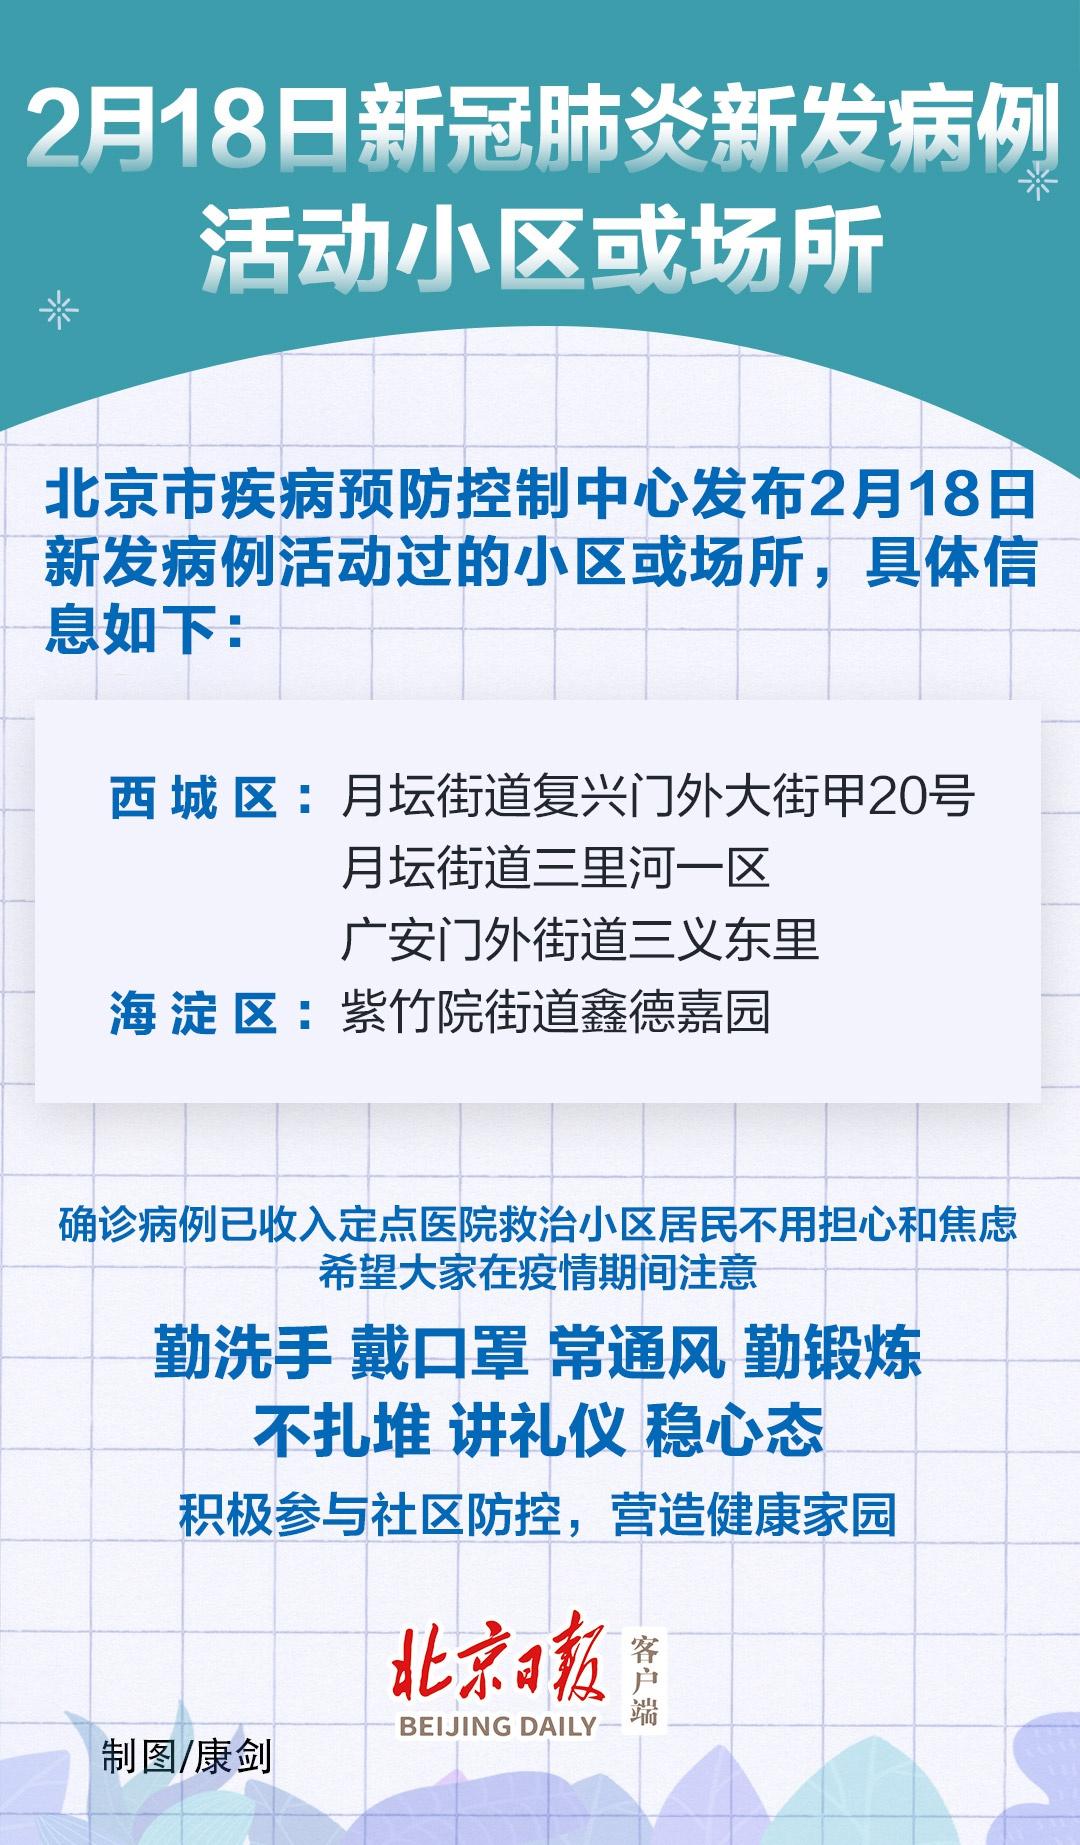 山东省规模以上工业企业开工率近九成